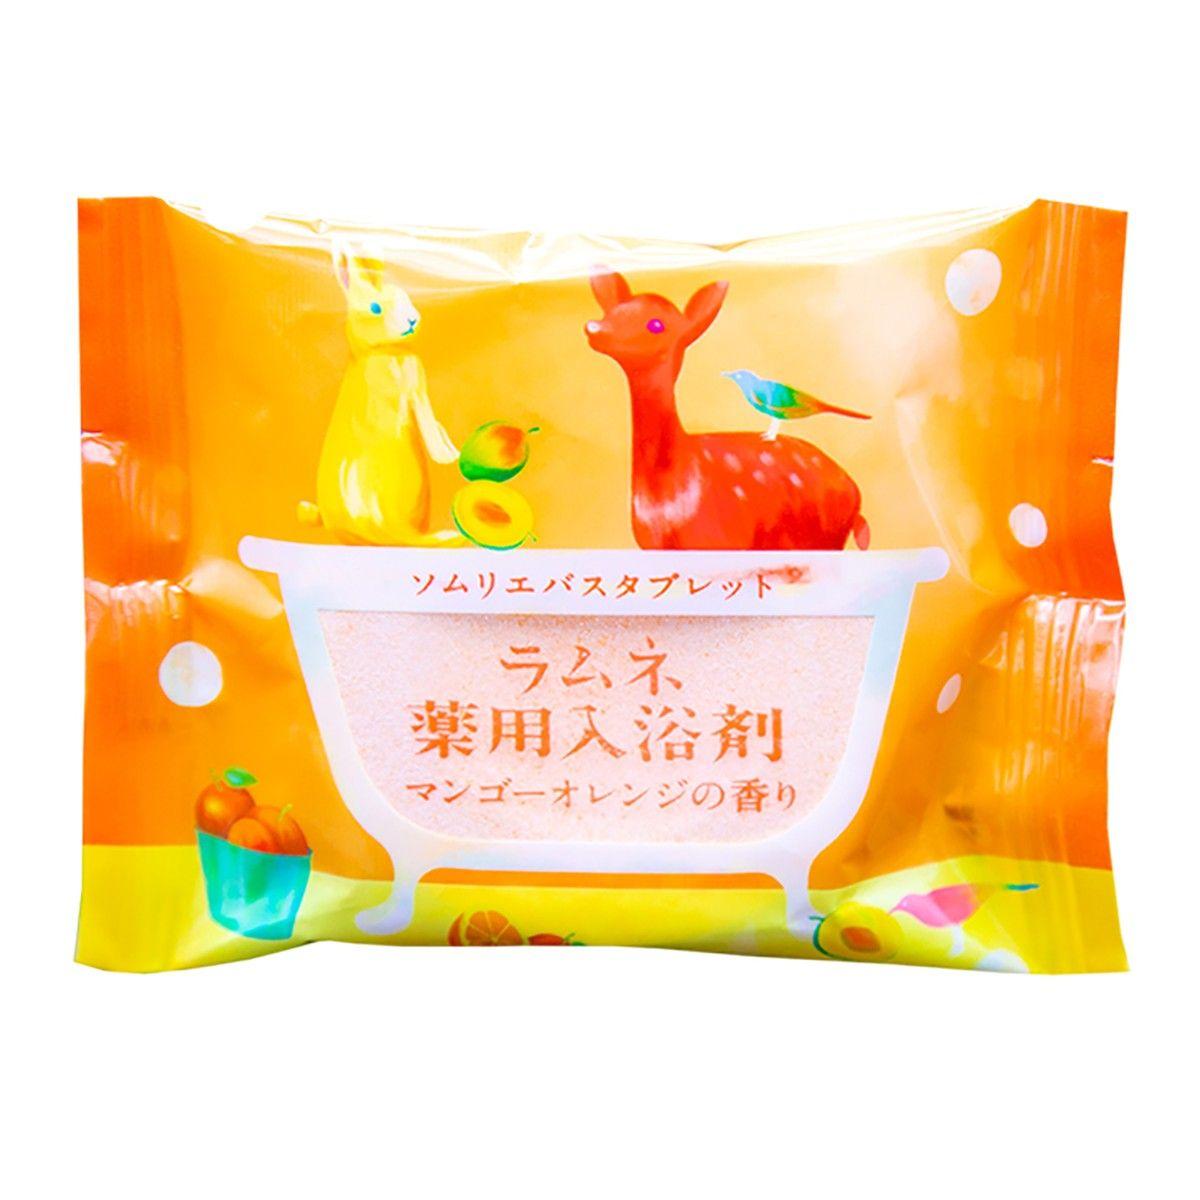 Расслабляющая соль-таблетка для ванны с ароматом манго и апельсина - 40 гр.